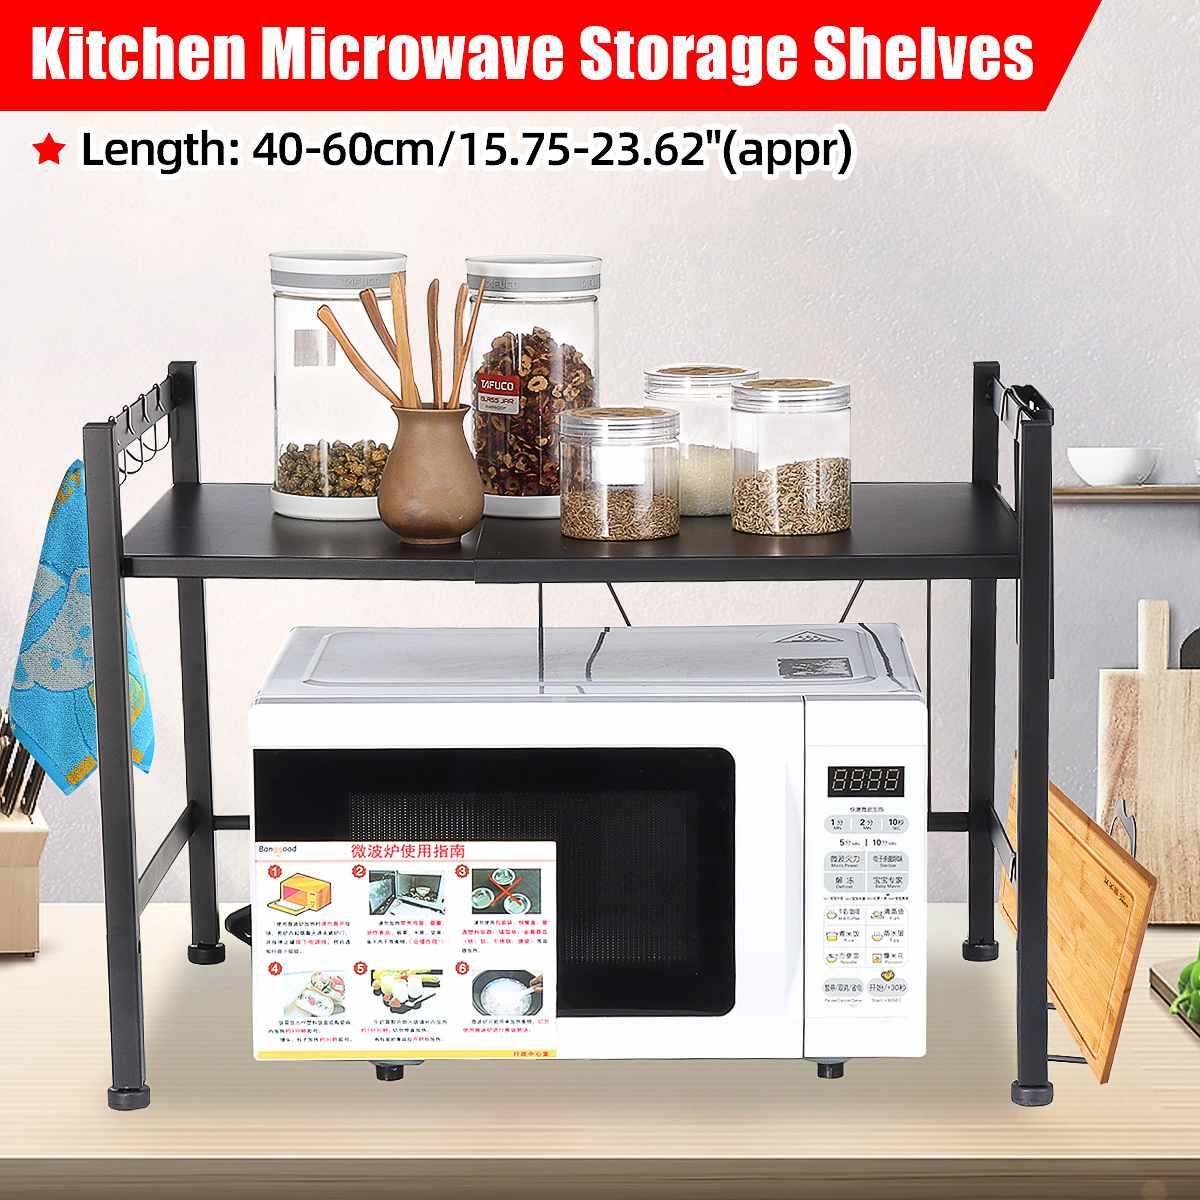 طبقة مزدوجة المطبخ قابل للسحب تخزين الرف المعادن فرن الميكروويف تخزين الرف عدم الانزلاق رف توابل منظم أدوات المطبخ